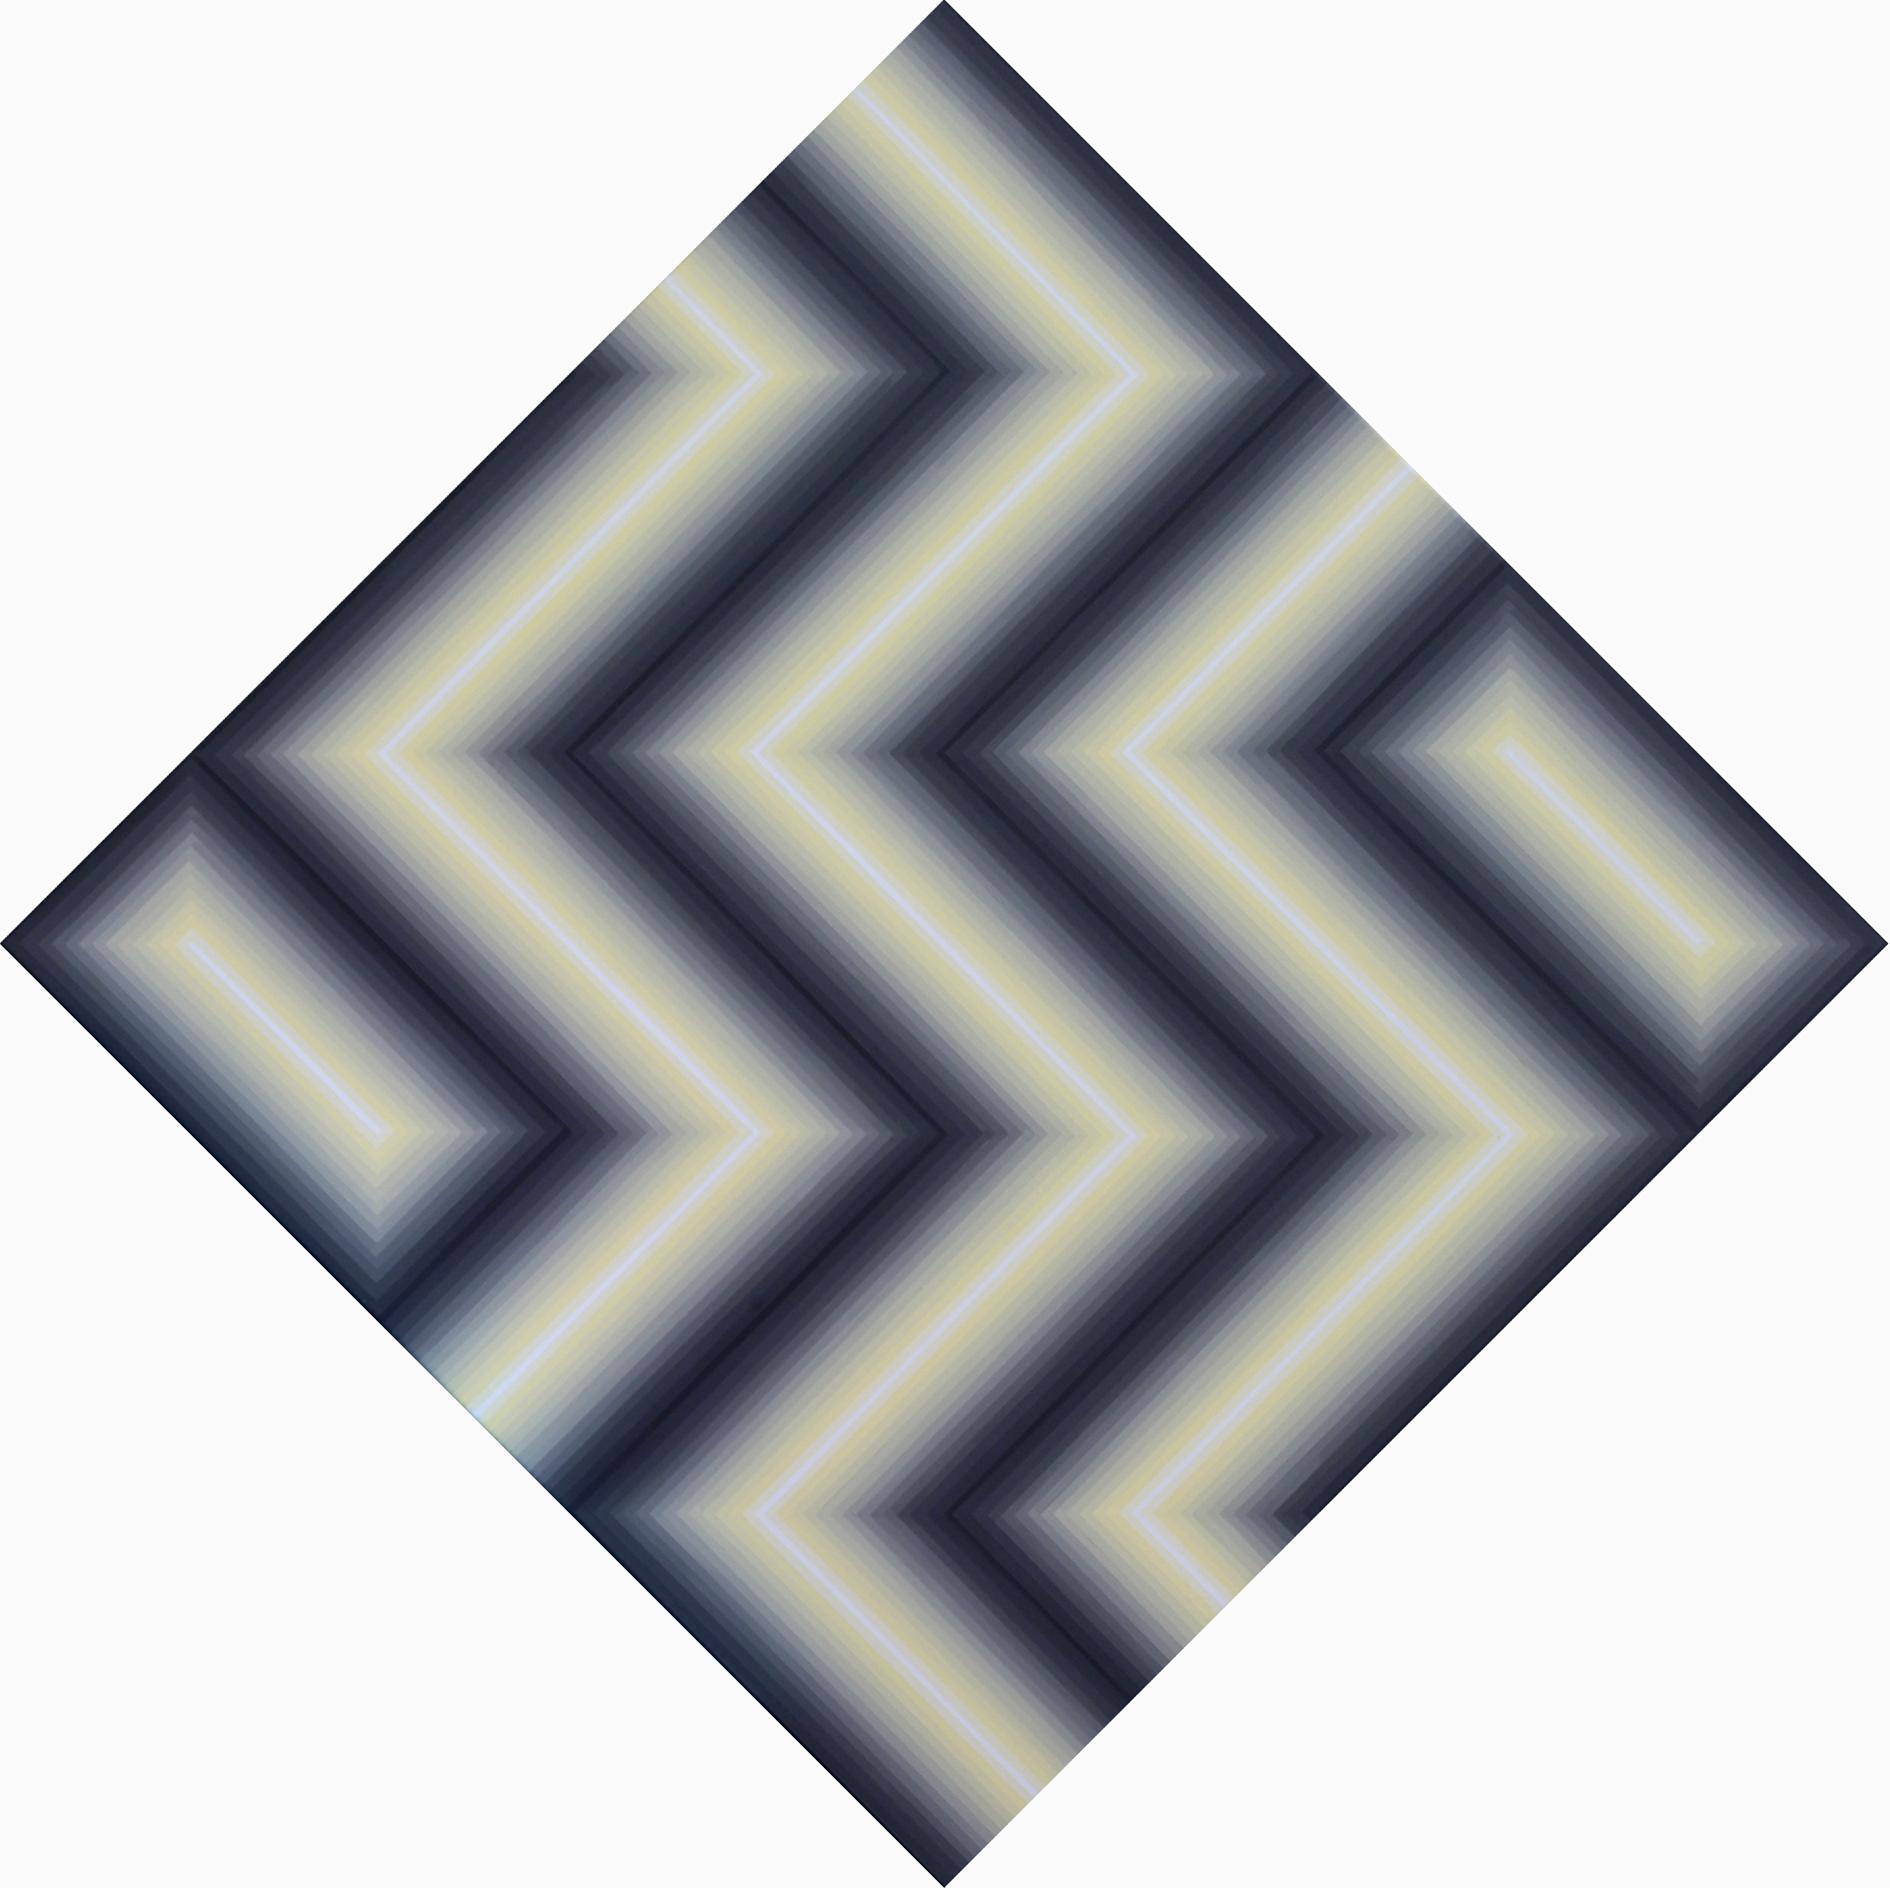 Vibration chromatique 1 - Acrylique sur toile 100X100 cm